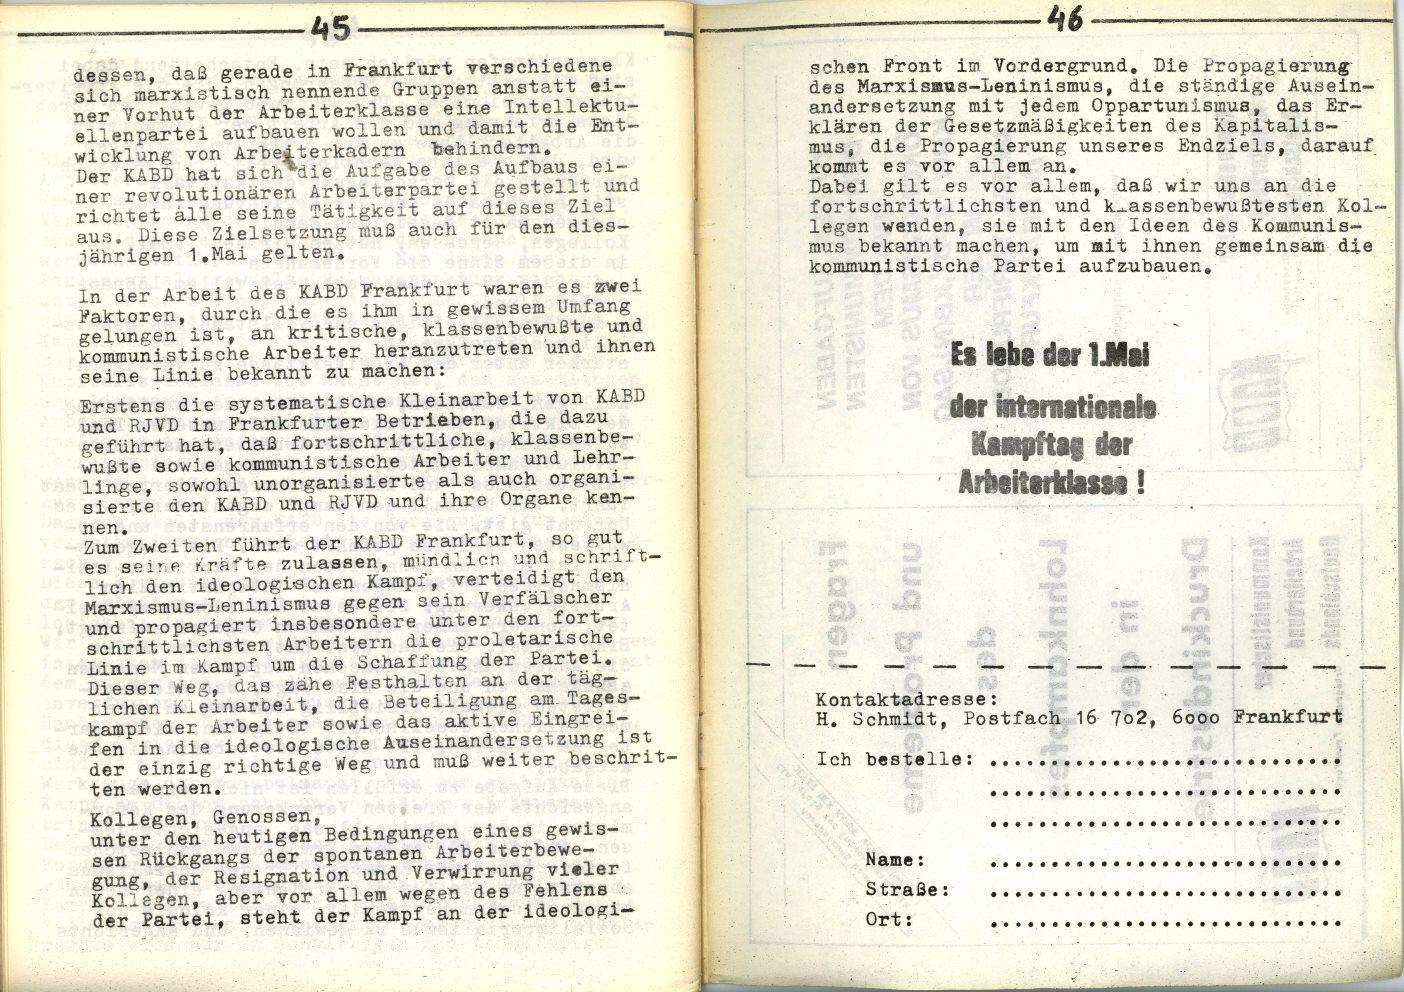 Frankfurt_KABD_zum_Ersten_Mai_1976_24